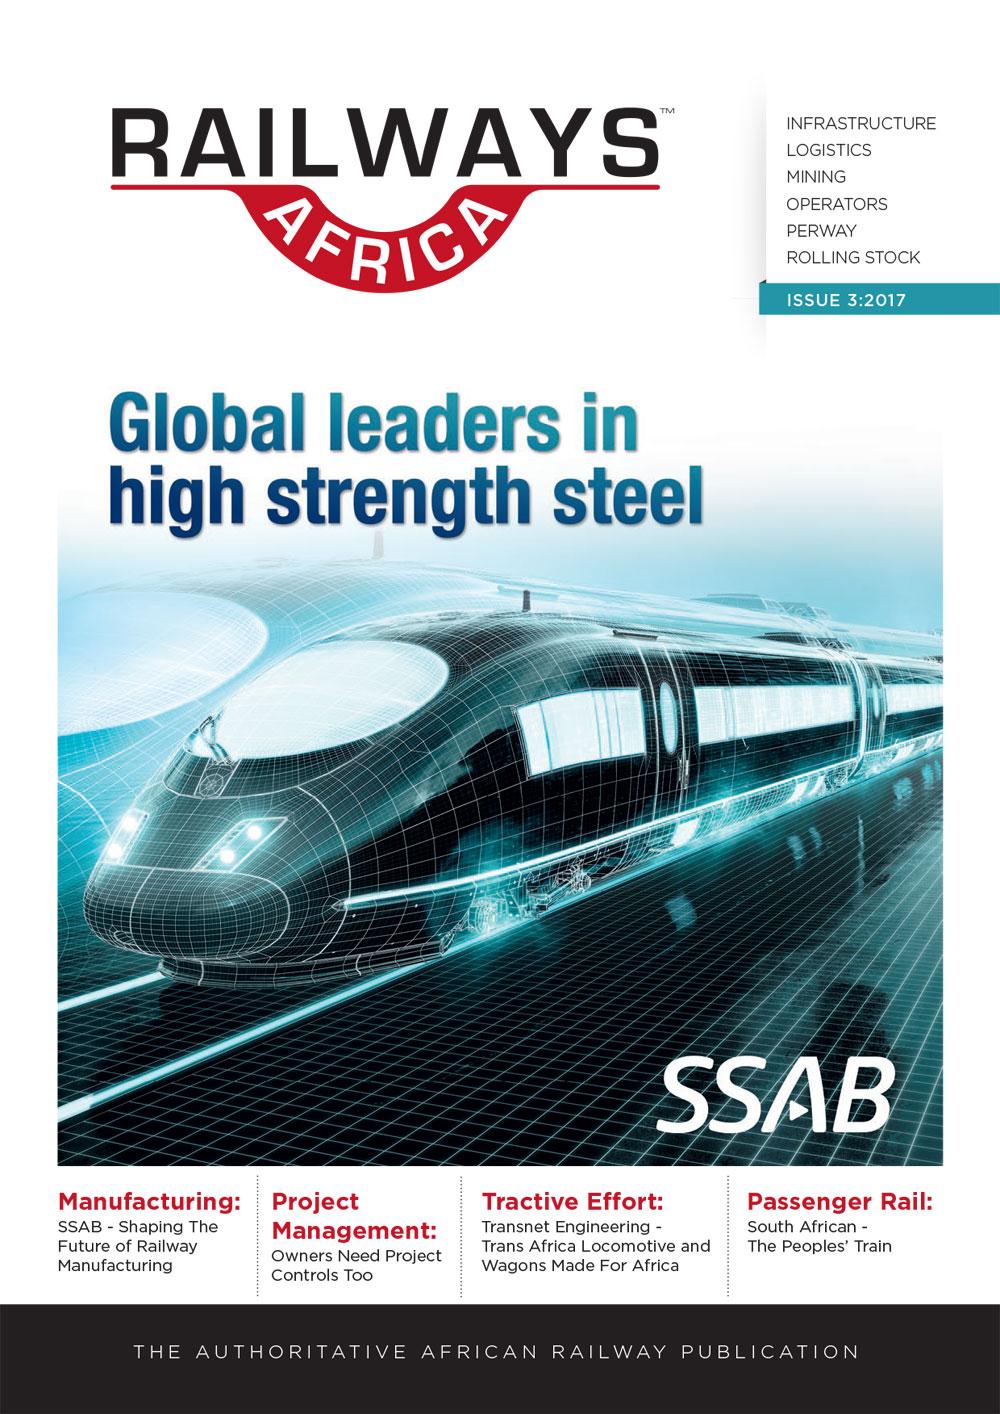 Railways Africa Issue 3 - 2017